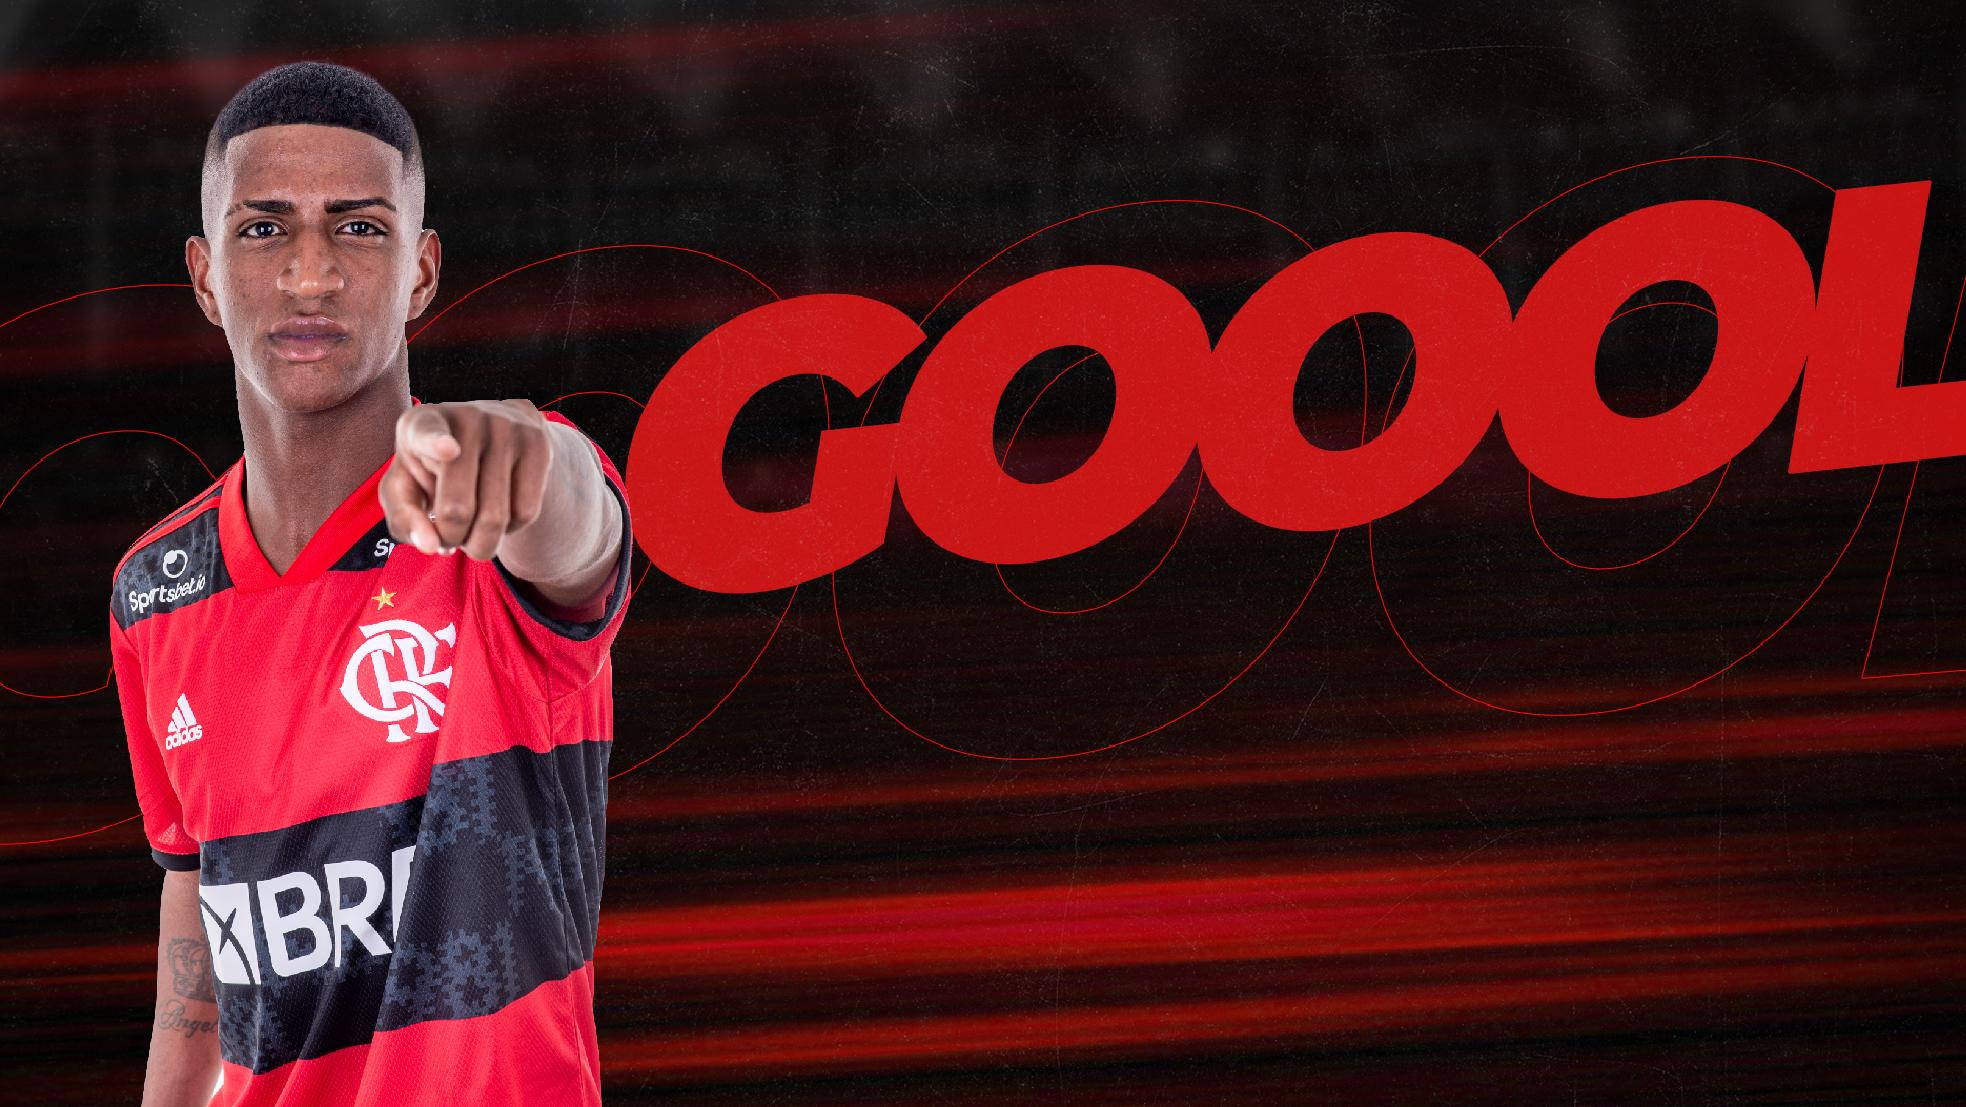 GOOOOOOOOOOOOOOL! Max abre o placar para o Flamengo